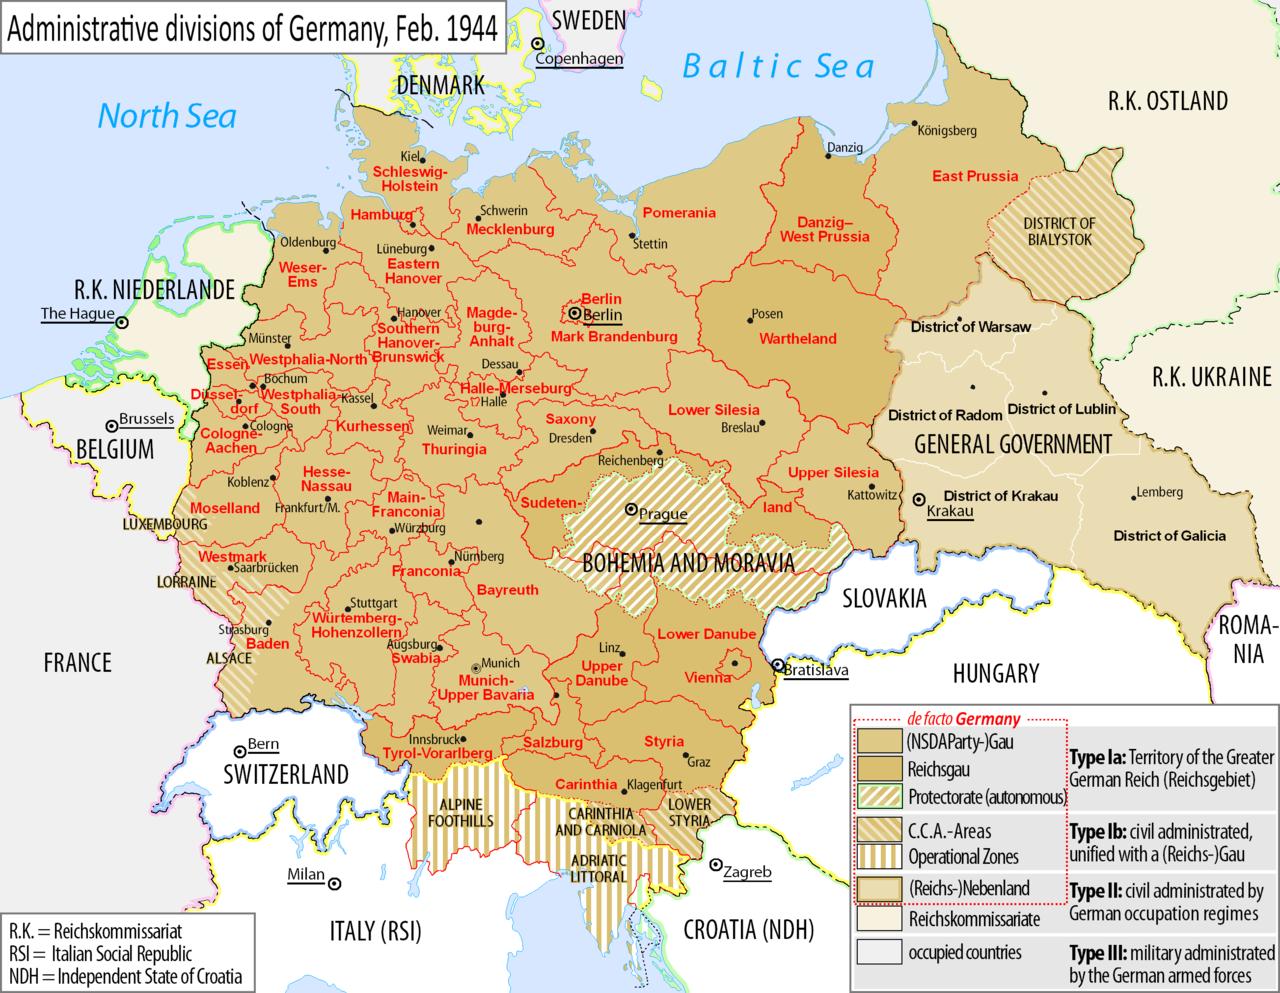 DEUTSCHLAND 1942 KARTE